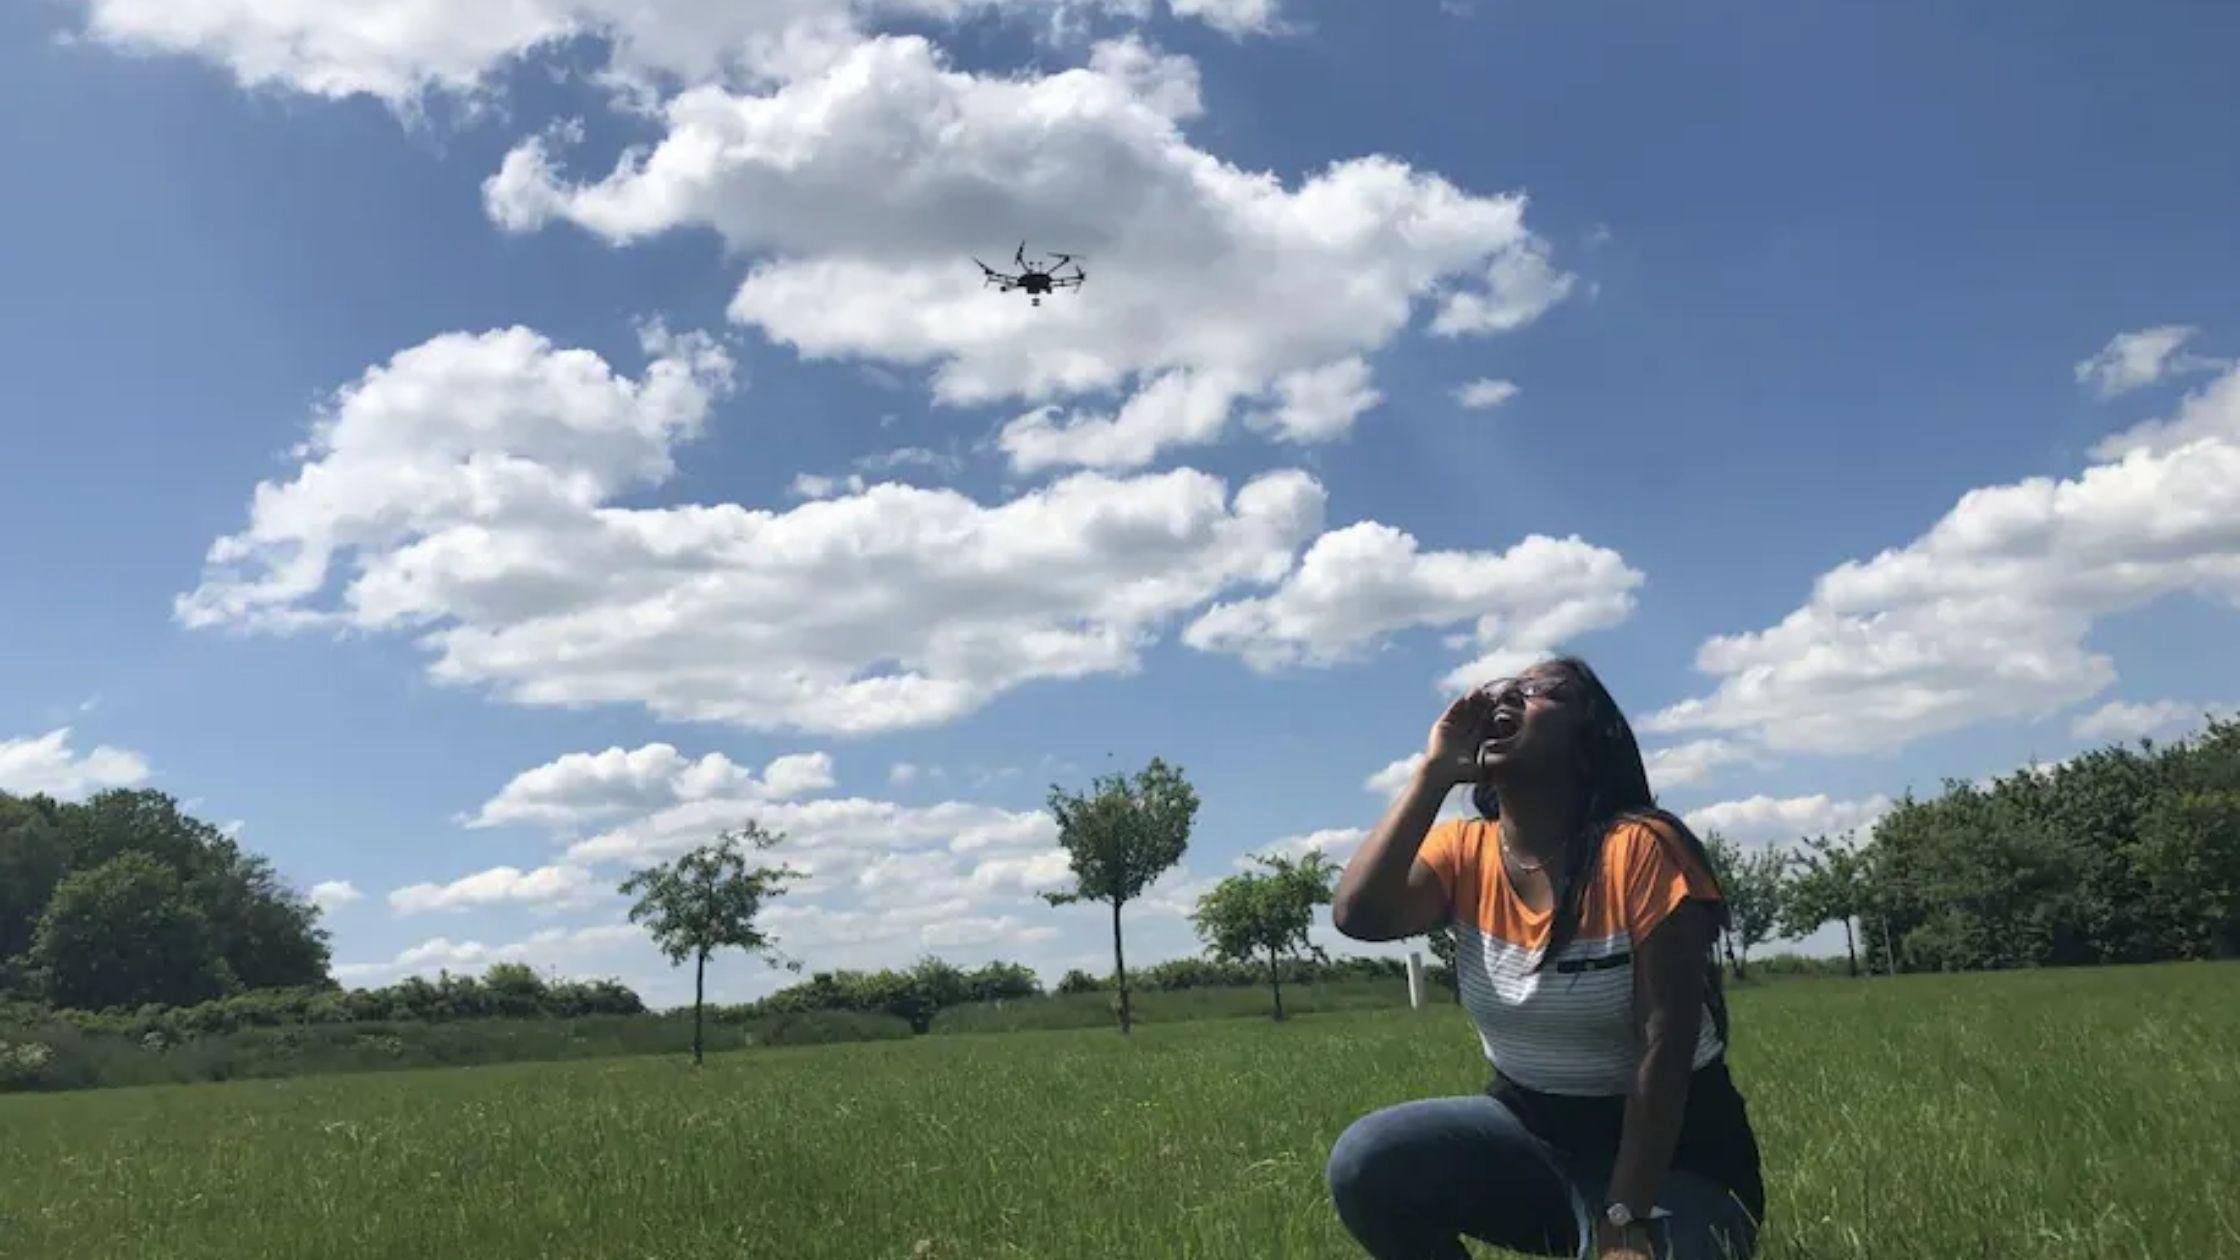 Droni e identificazione dei segnali di soccorso